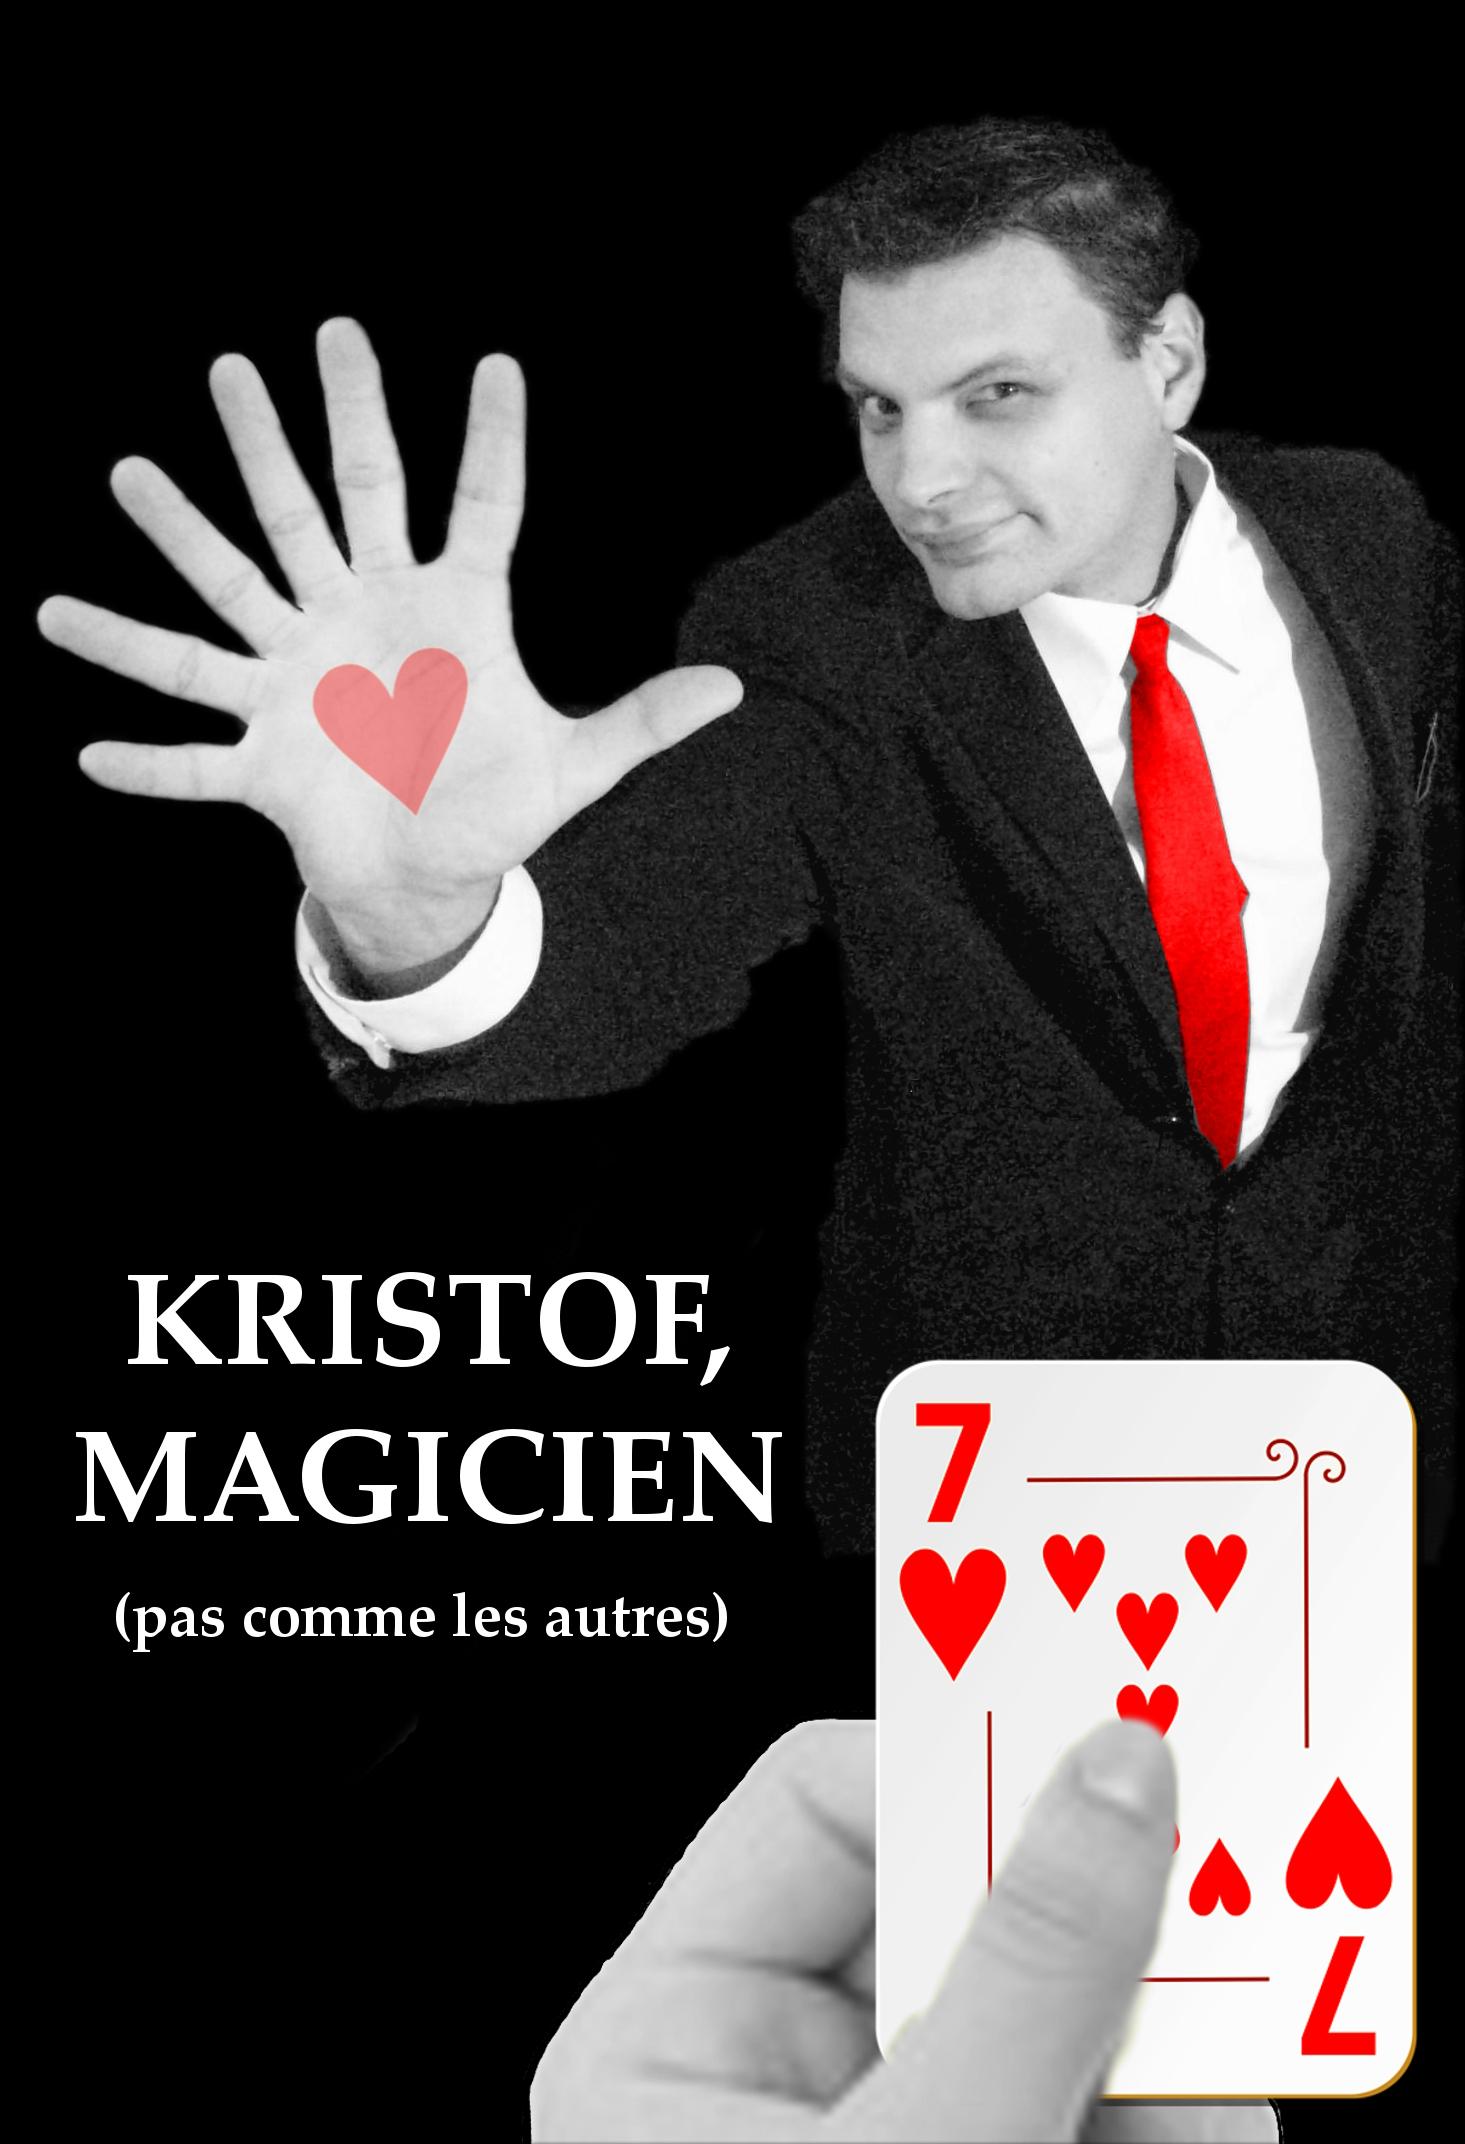 Kristof Magicien pas comme les autres